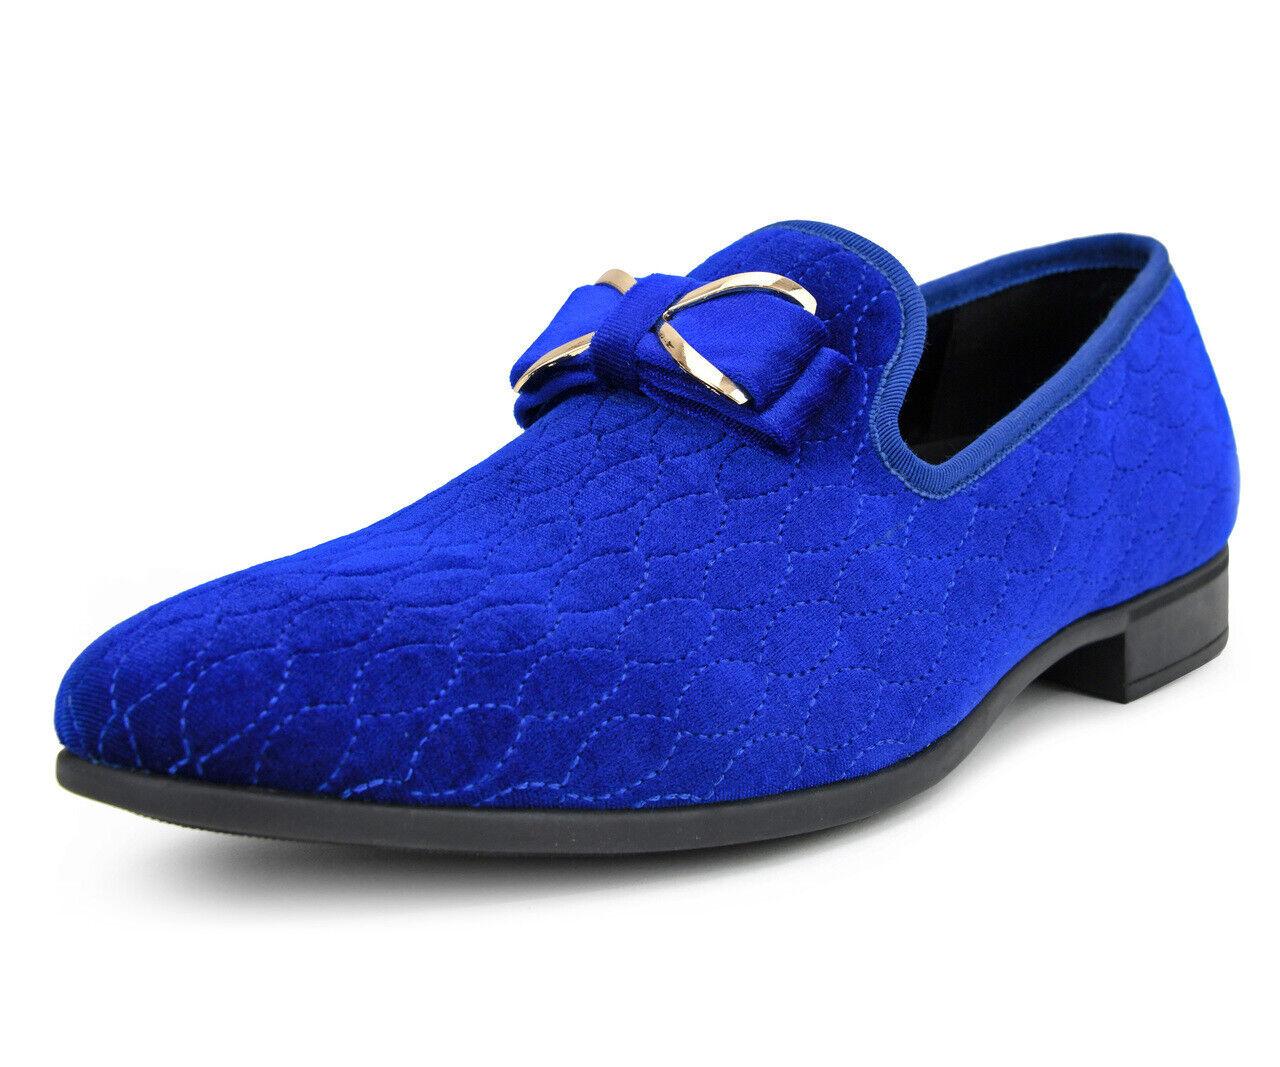 Baile de graduación Royal azul Velvet Slip on Loafer Slipper zapato de vestido de moda de alto estilo esmoquin